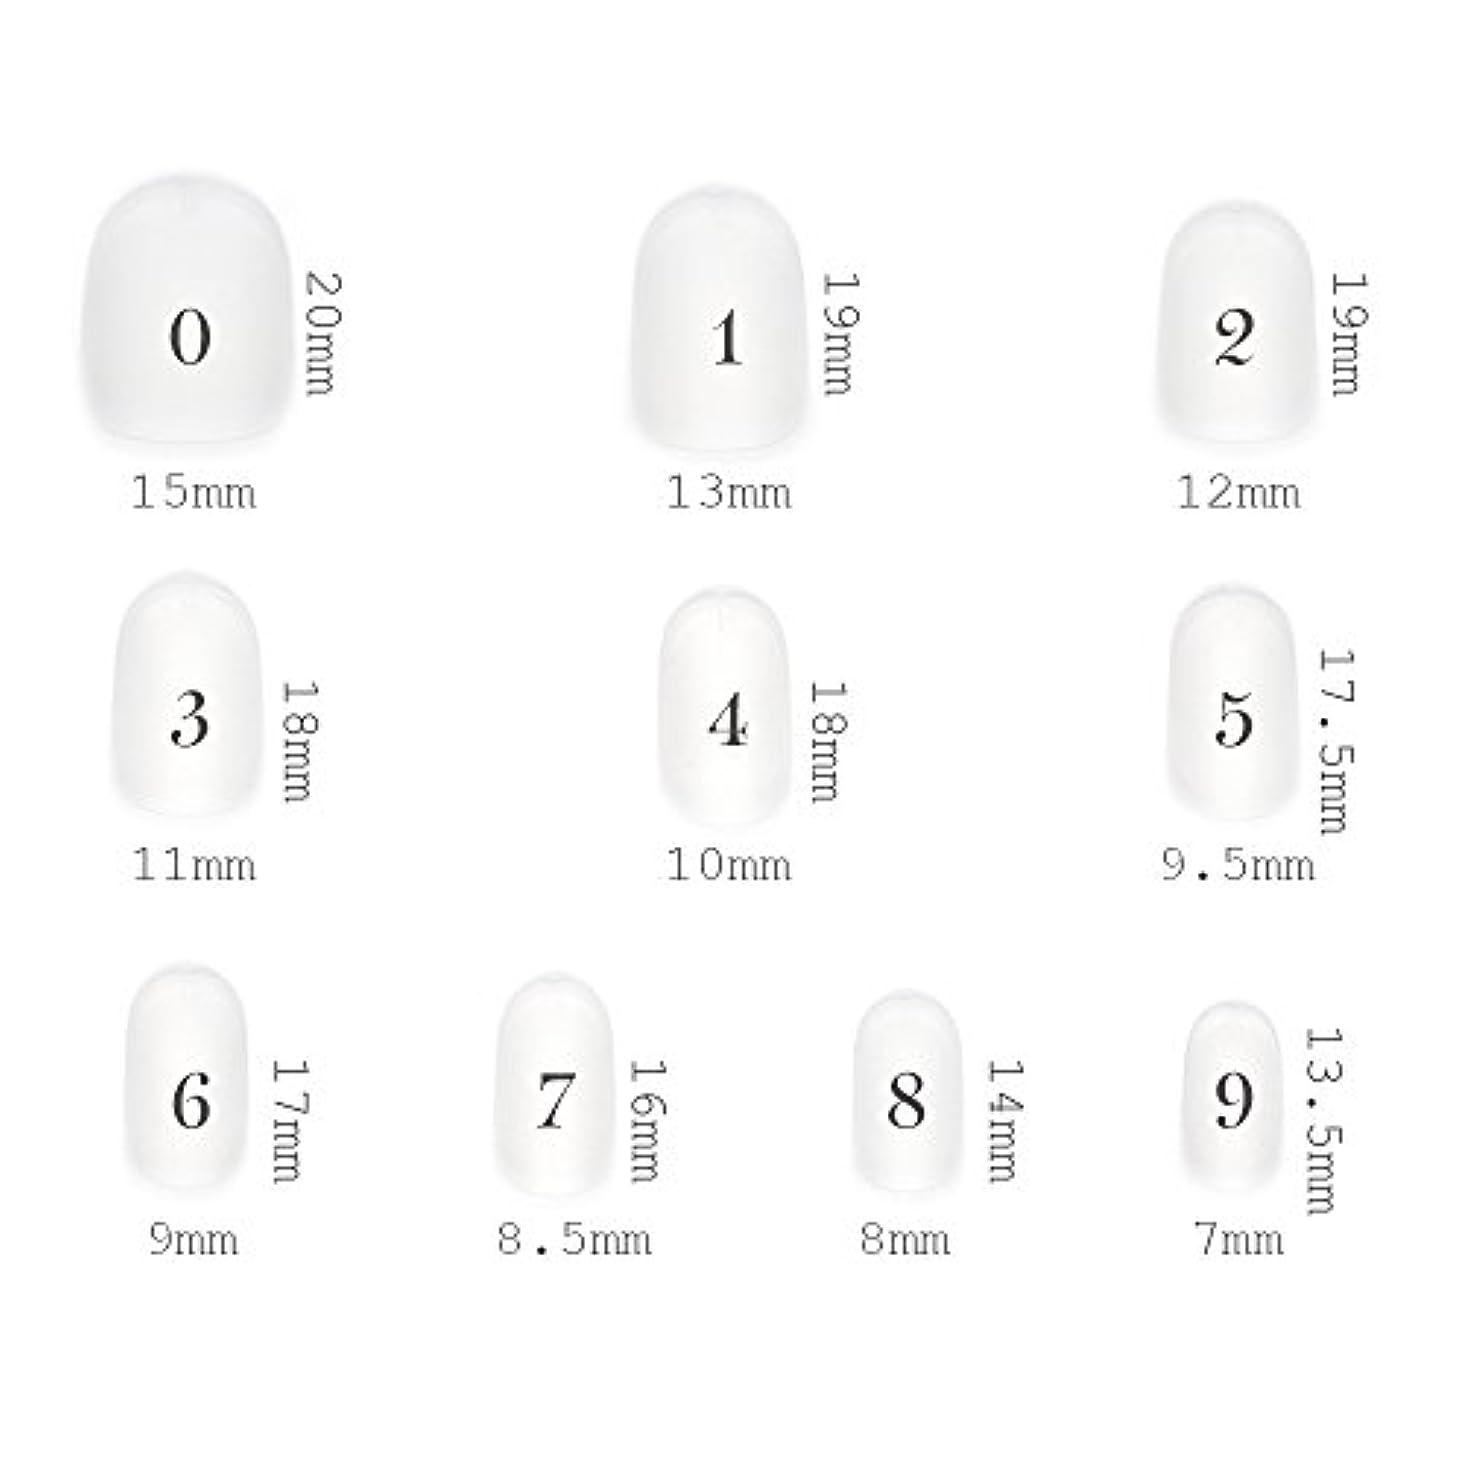 リーダーシップオリエント硬いショートラウンド型 クリアネイルチップ サンディング加工なし 透明 500枚入り 10サイズ各50枚